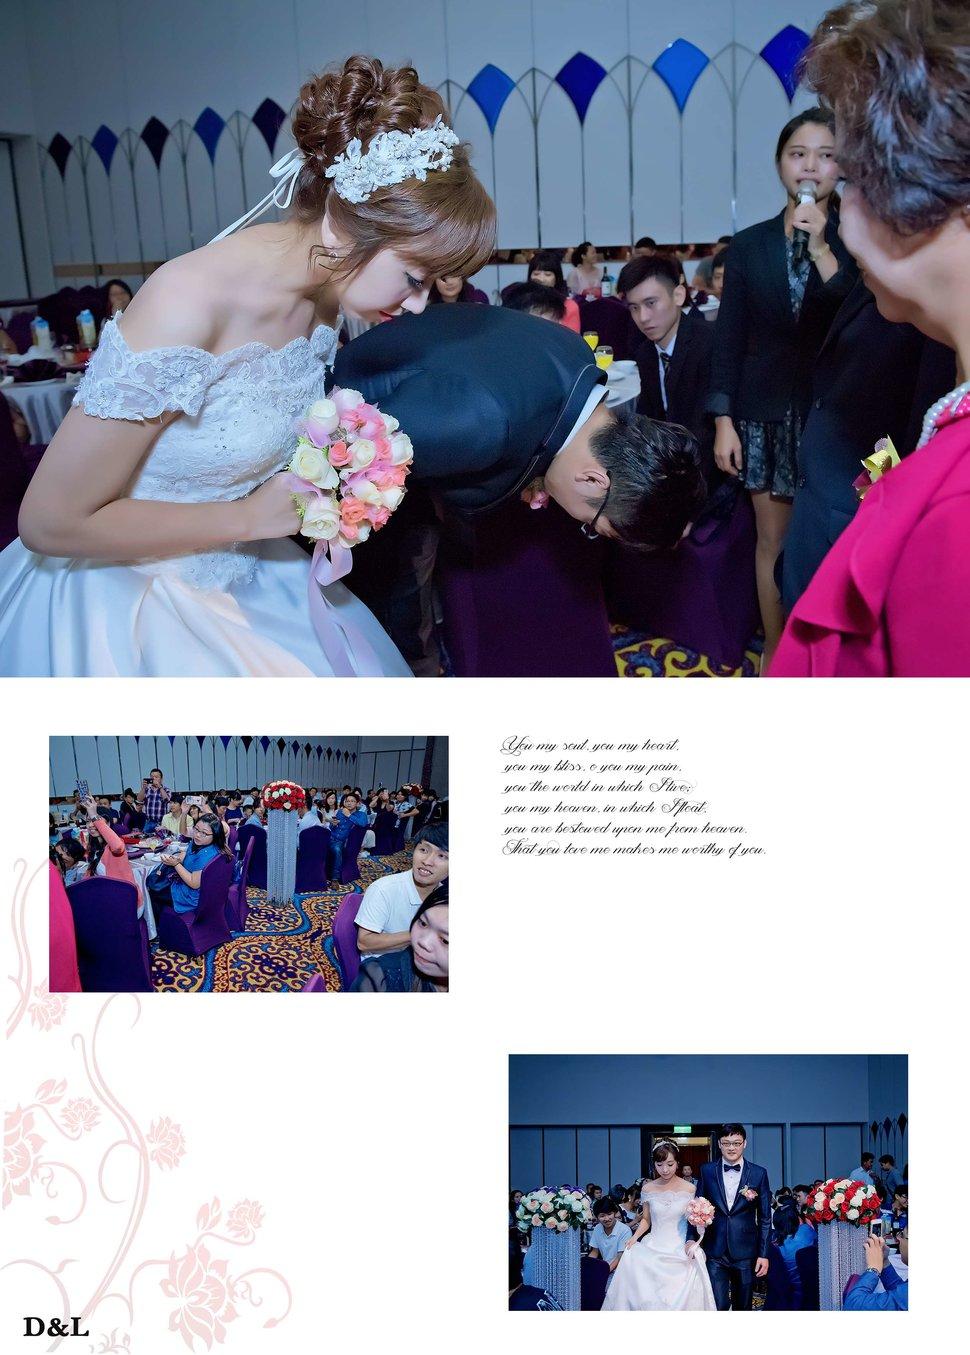 台中婚攝 婚禮紀錄 嘉捷&莉卿-臻愛婚宴會館豐原(編號:300044) - D&L 婚禮事務-婚紗攝影/婚禮記錄 - 結婚吧